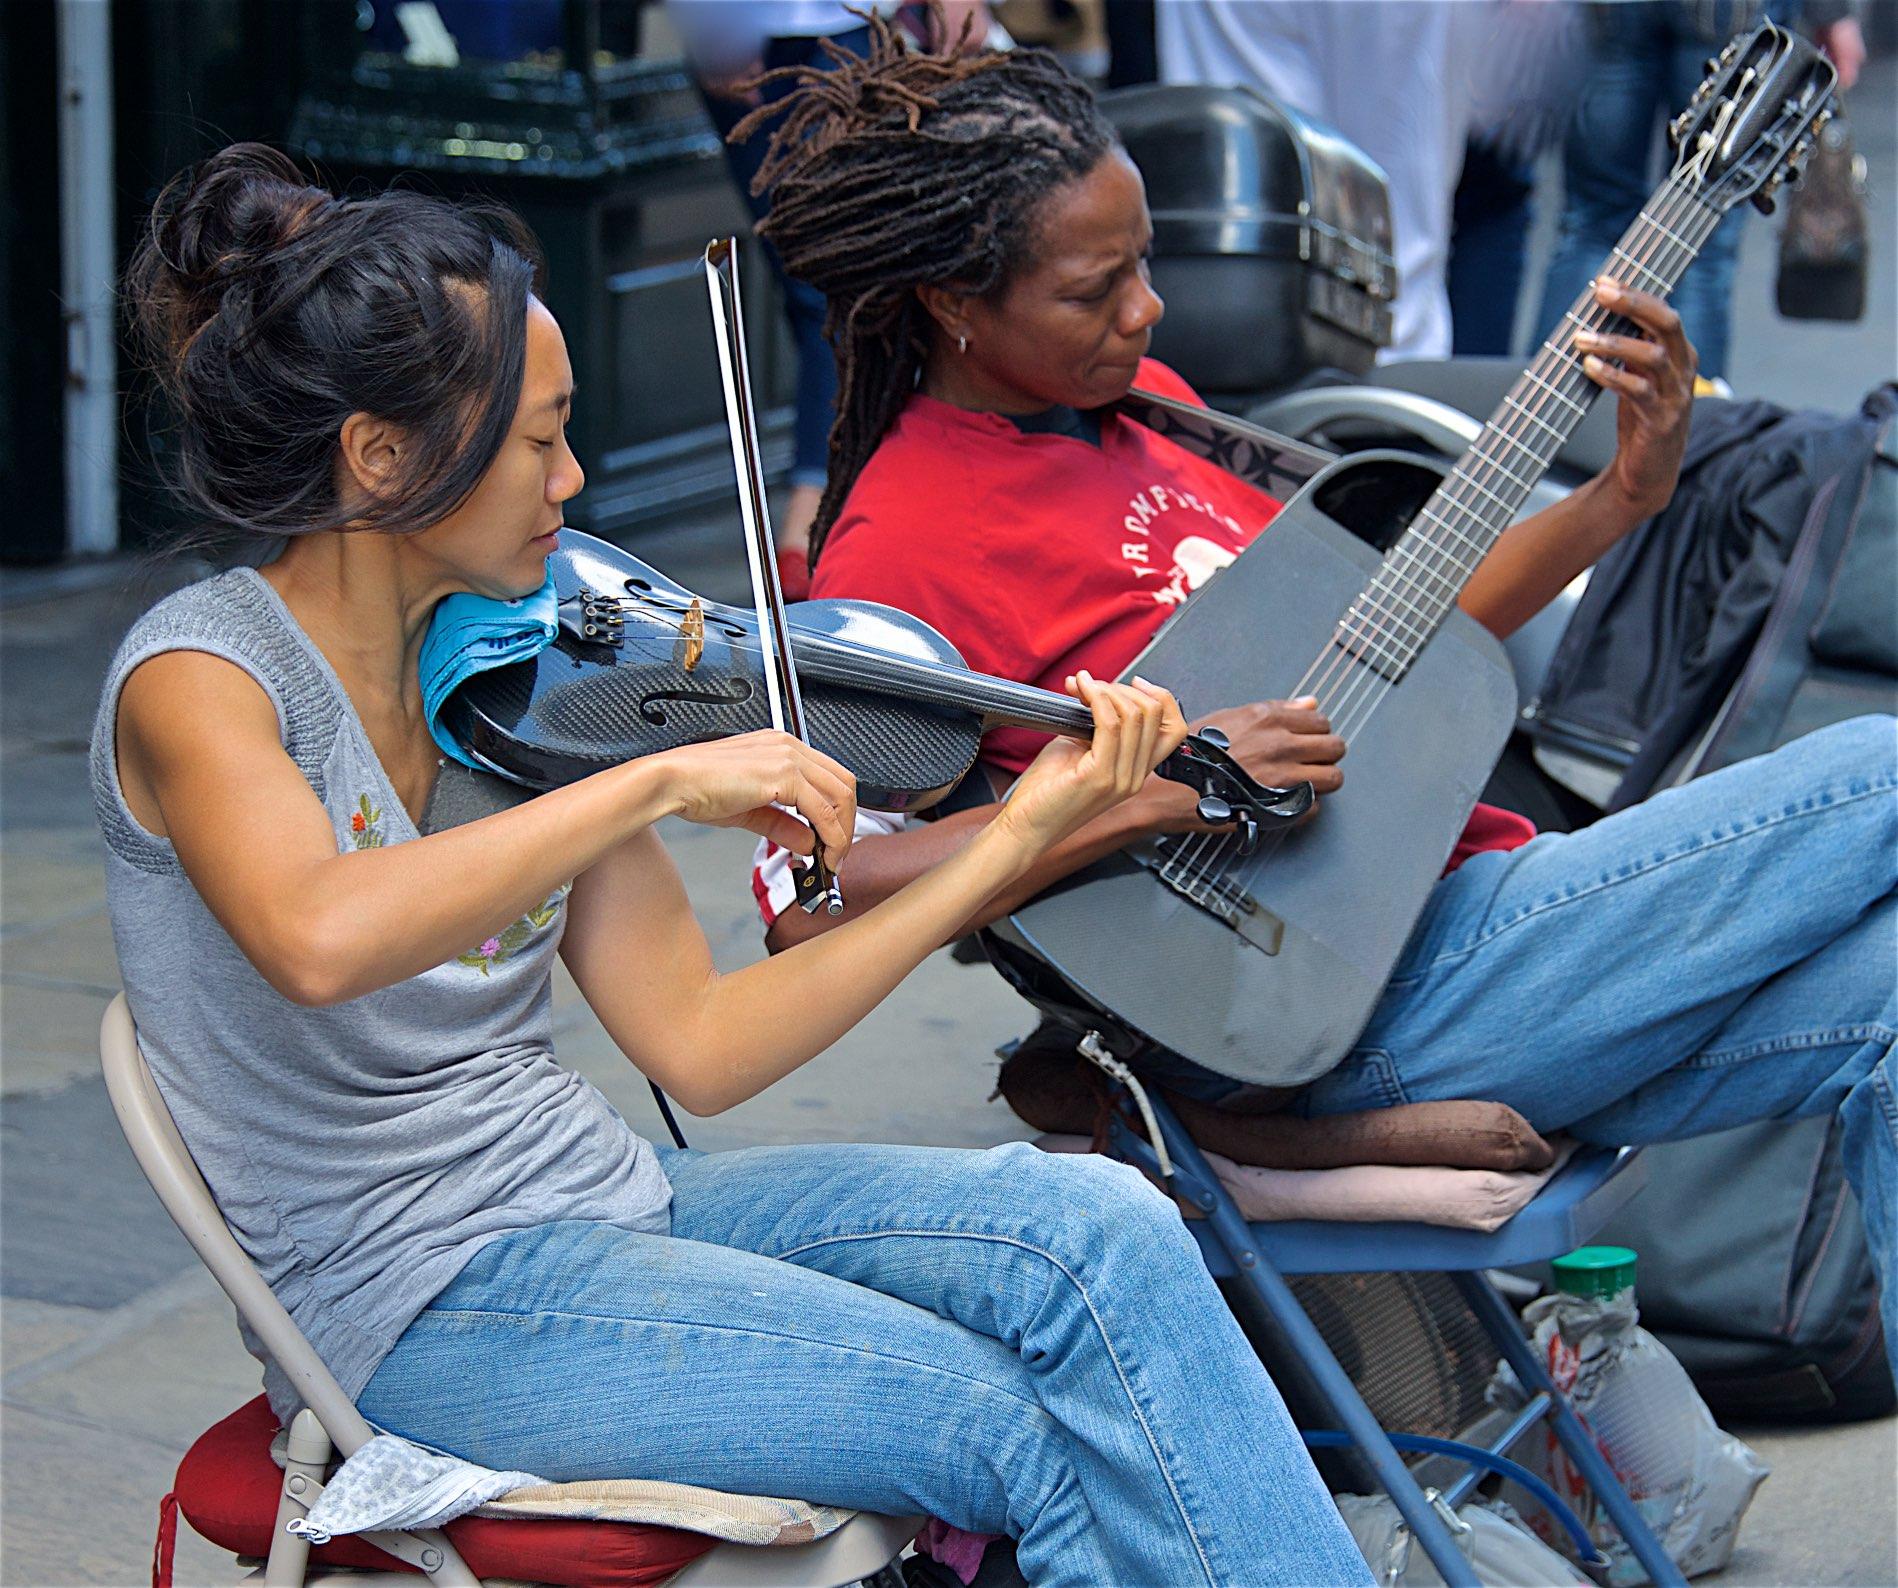 Wallpaper Guitar Musical Instrument Sitting Music Musician